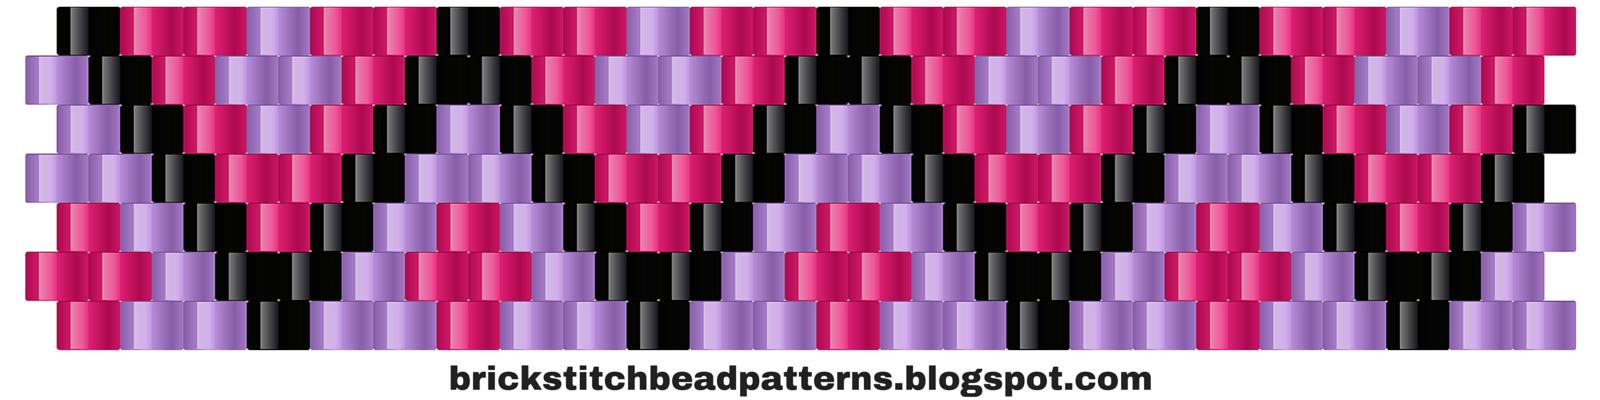 brick stitch bead patterns journal 1 free brick stitch